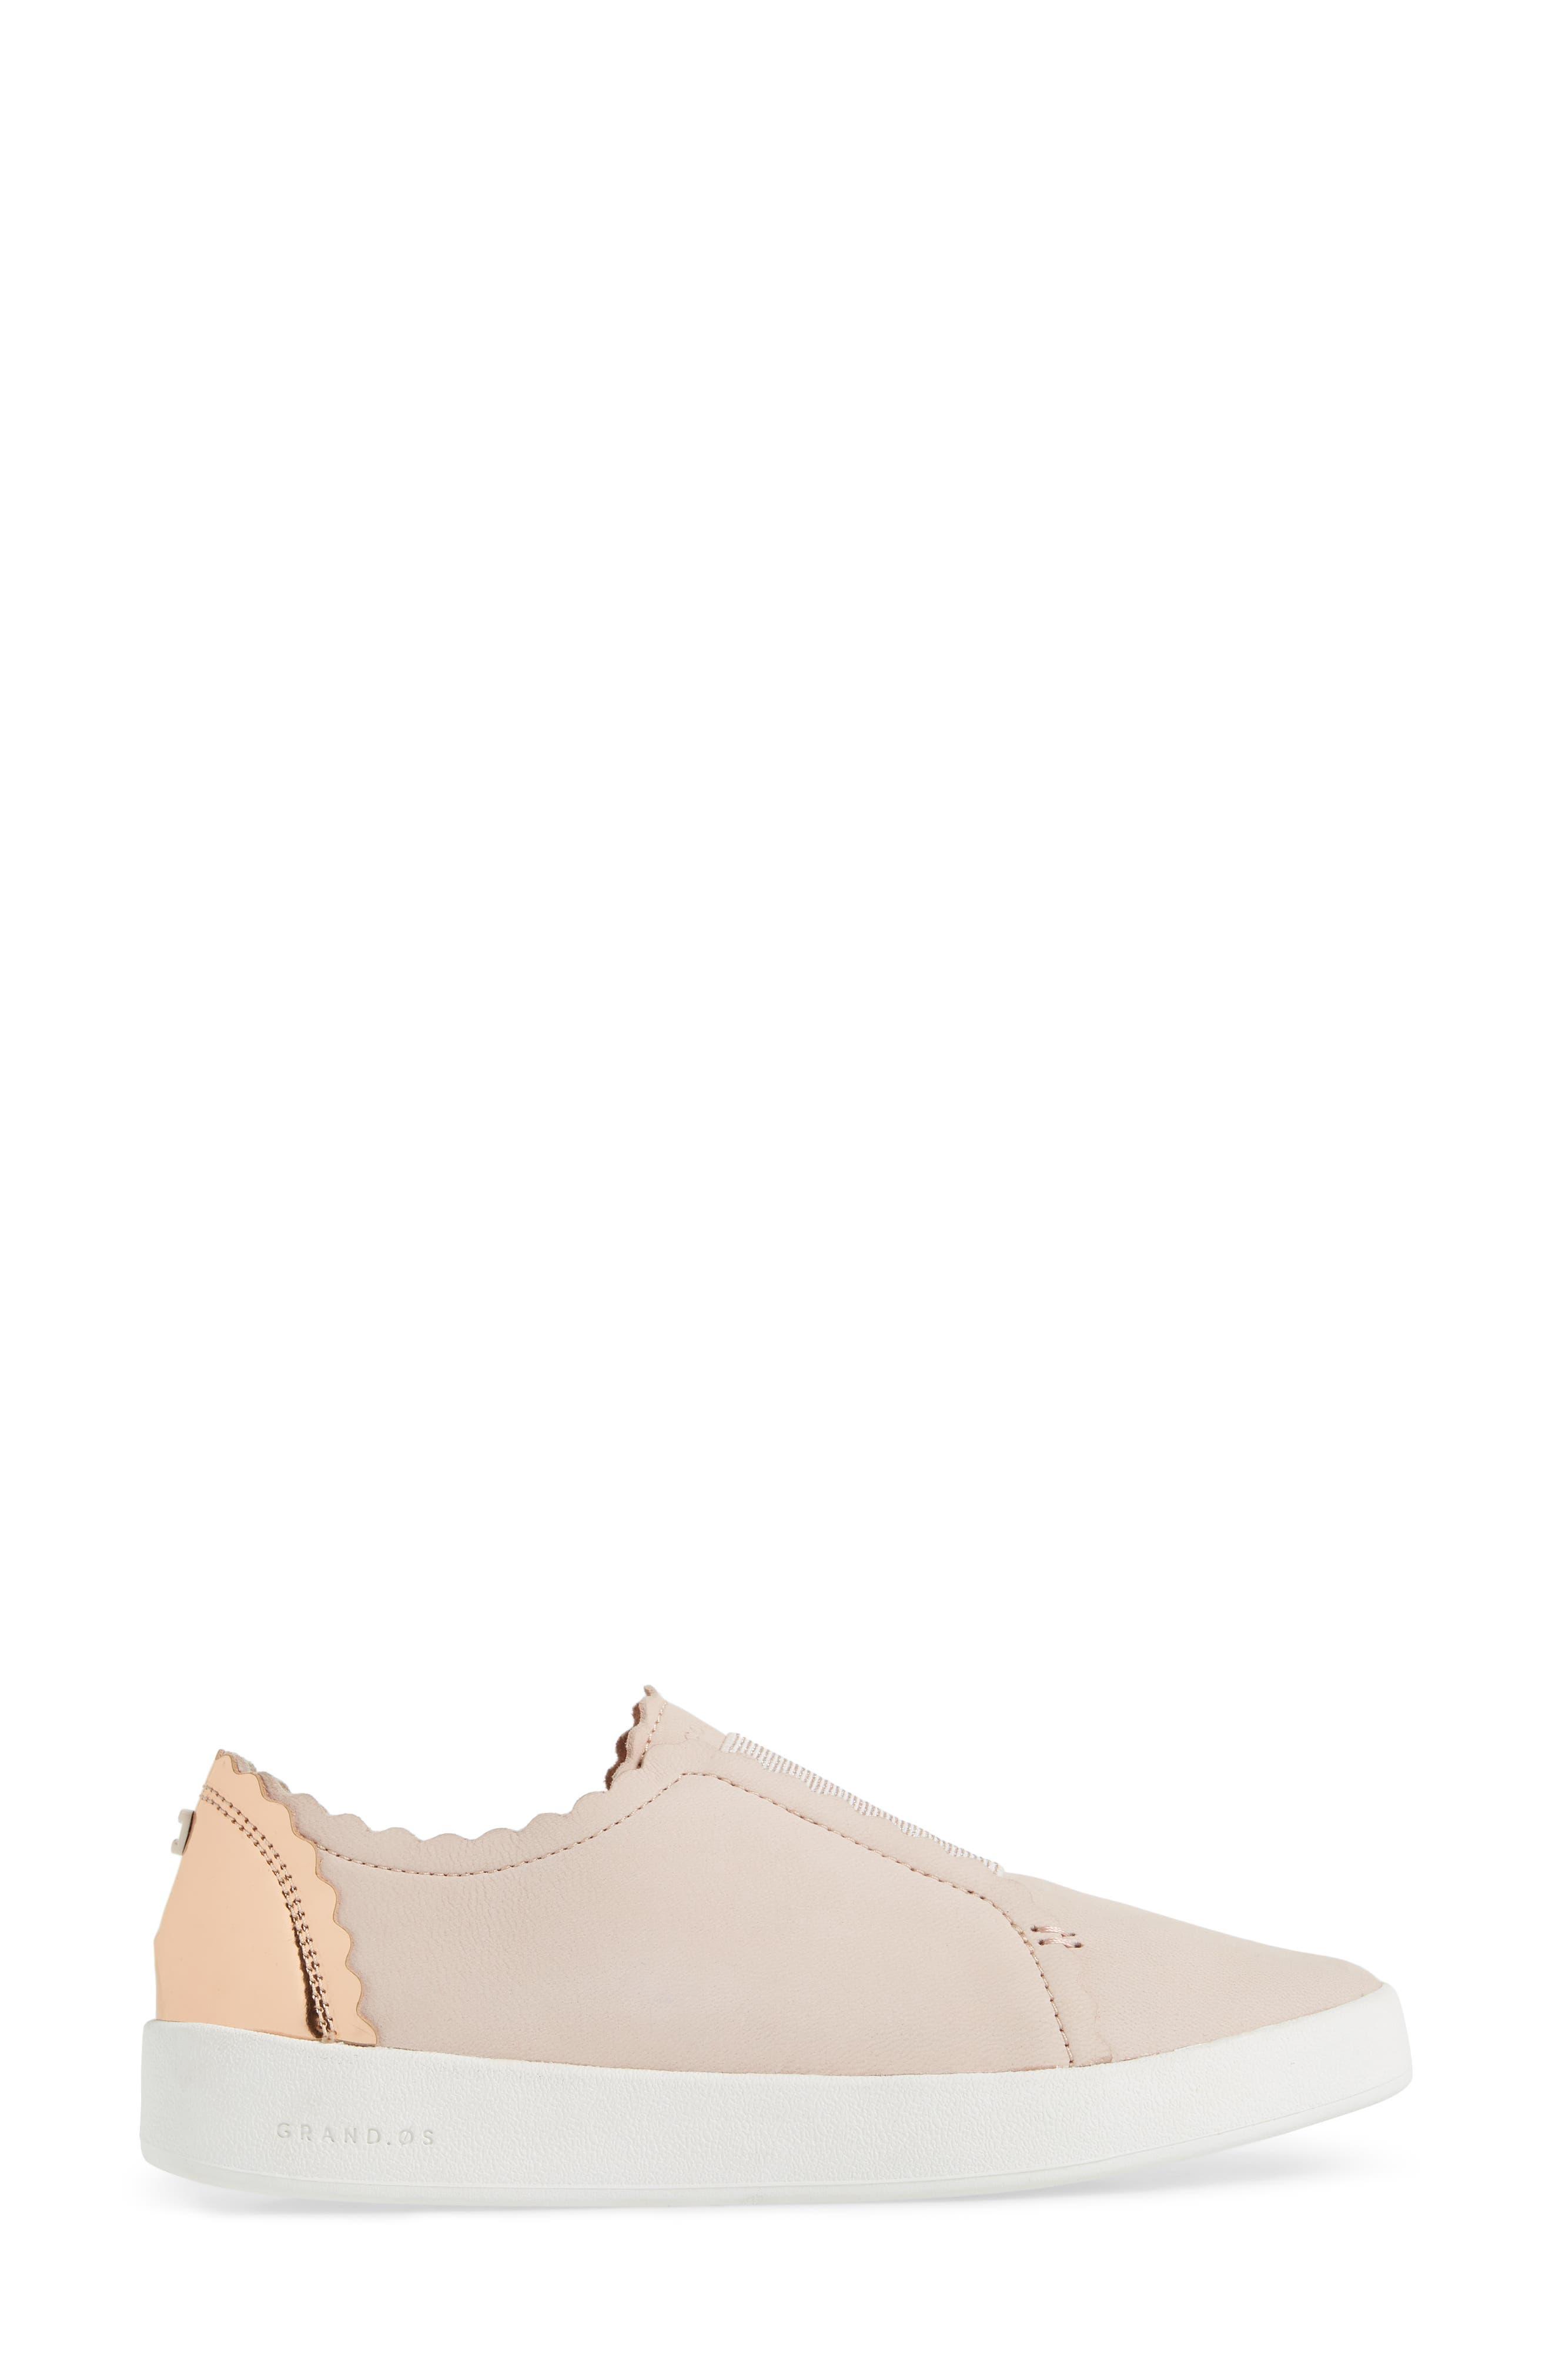 GrandPro Spectator Scalloped Slip-On Sneaker,                             Alternate thumbnail 3, color,                             PEACH BLUSH NUBUCK